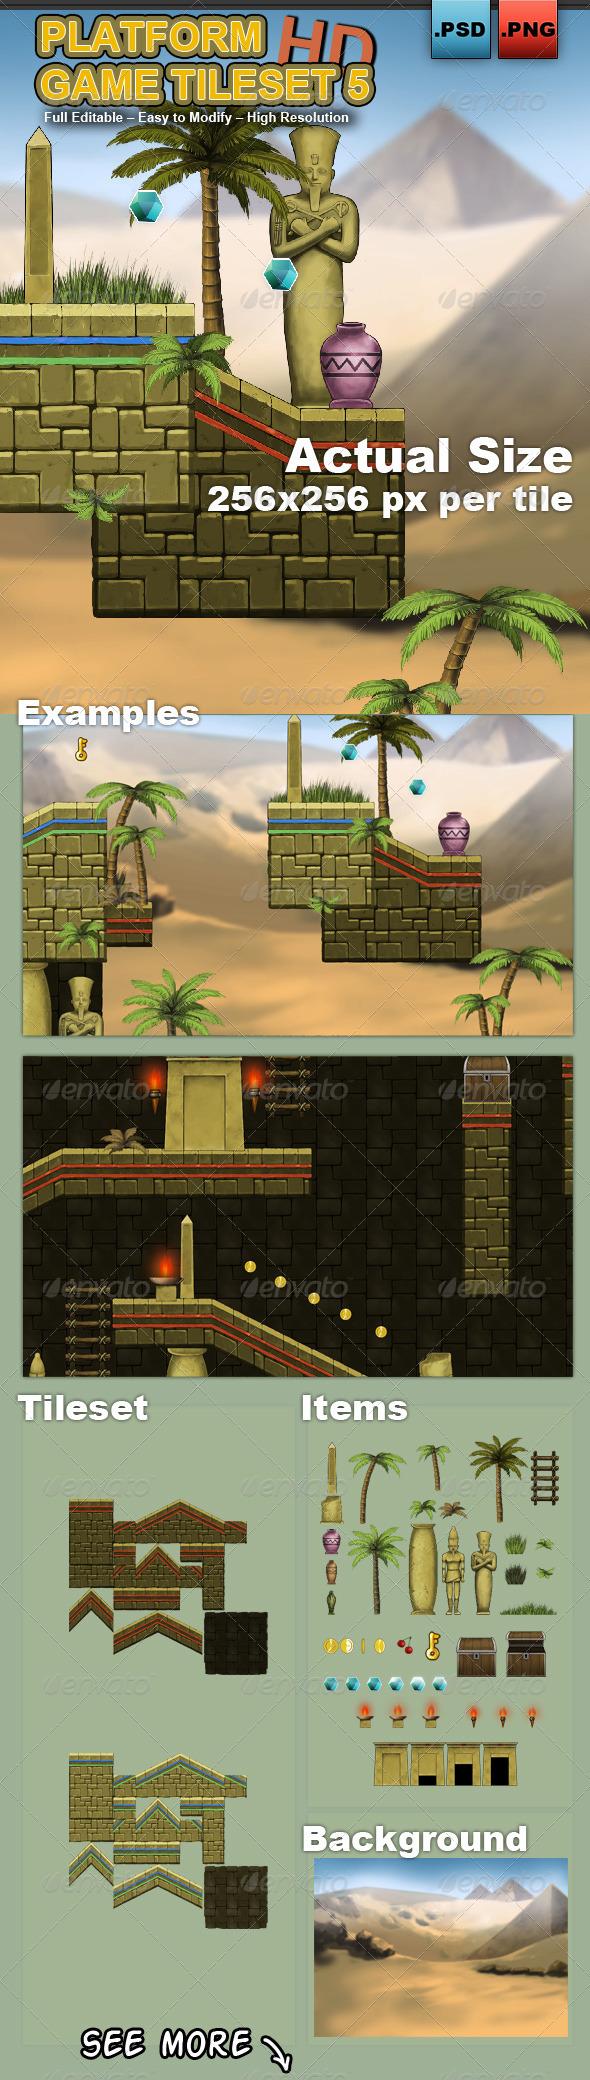 Platform Game Tileset 5 HD